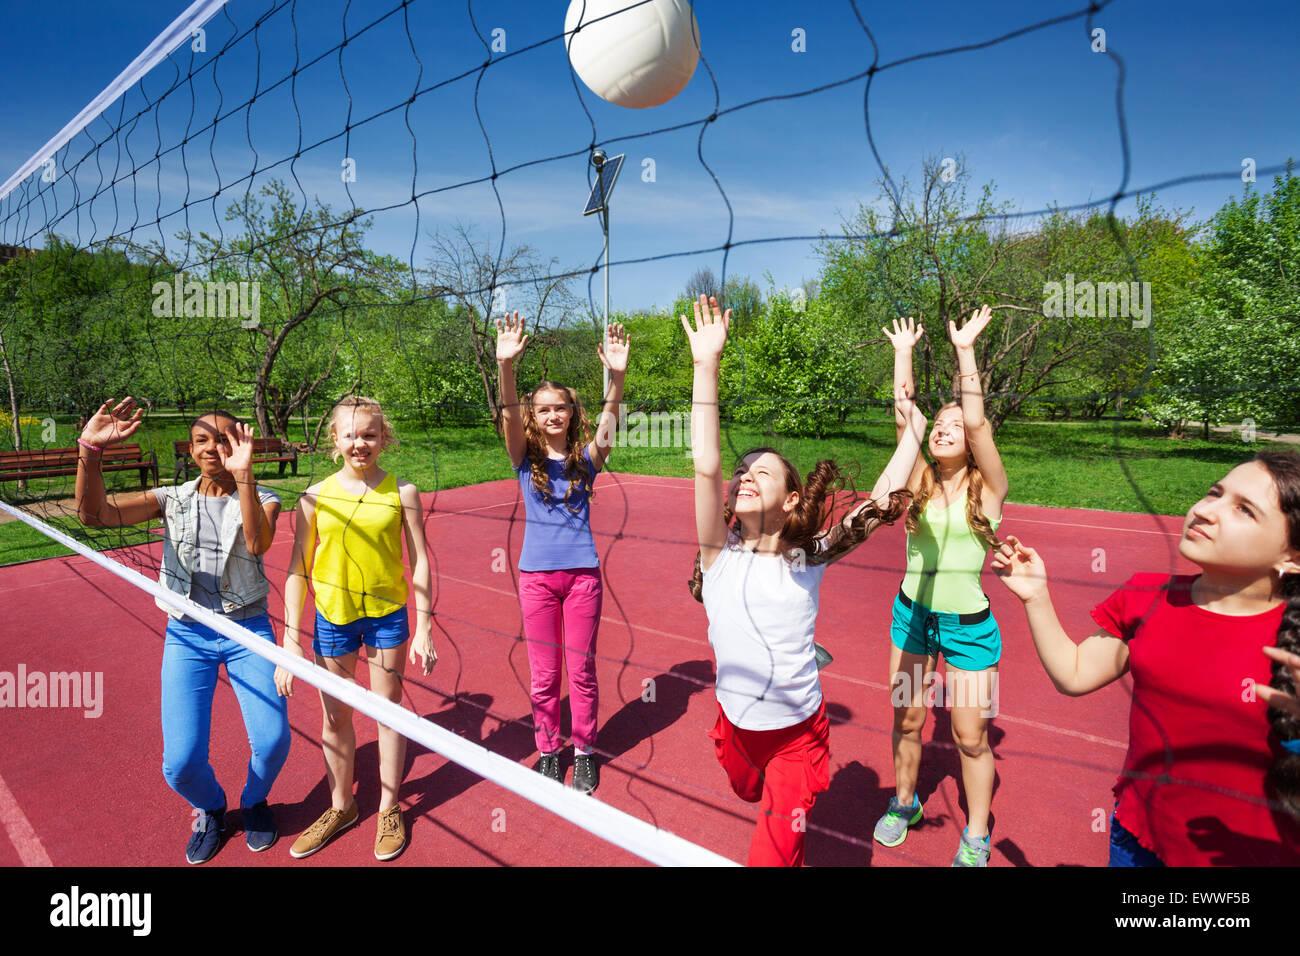 Juego de voleibol con la reproducción de los adolescentes Imagen De Stock